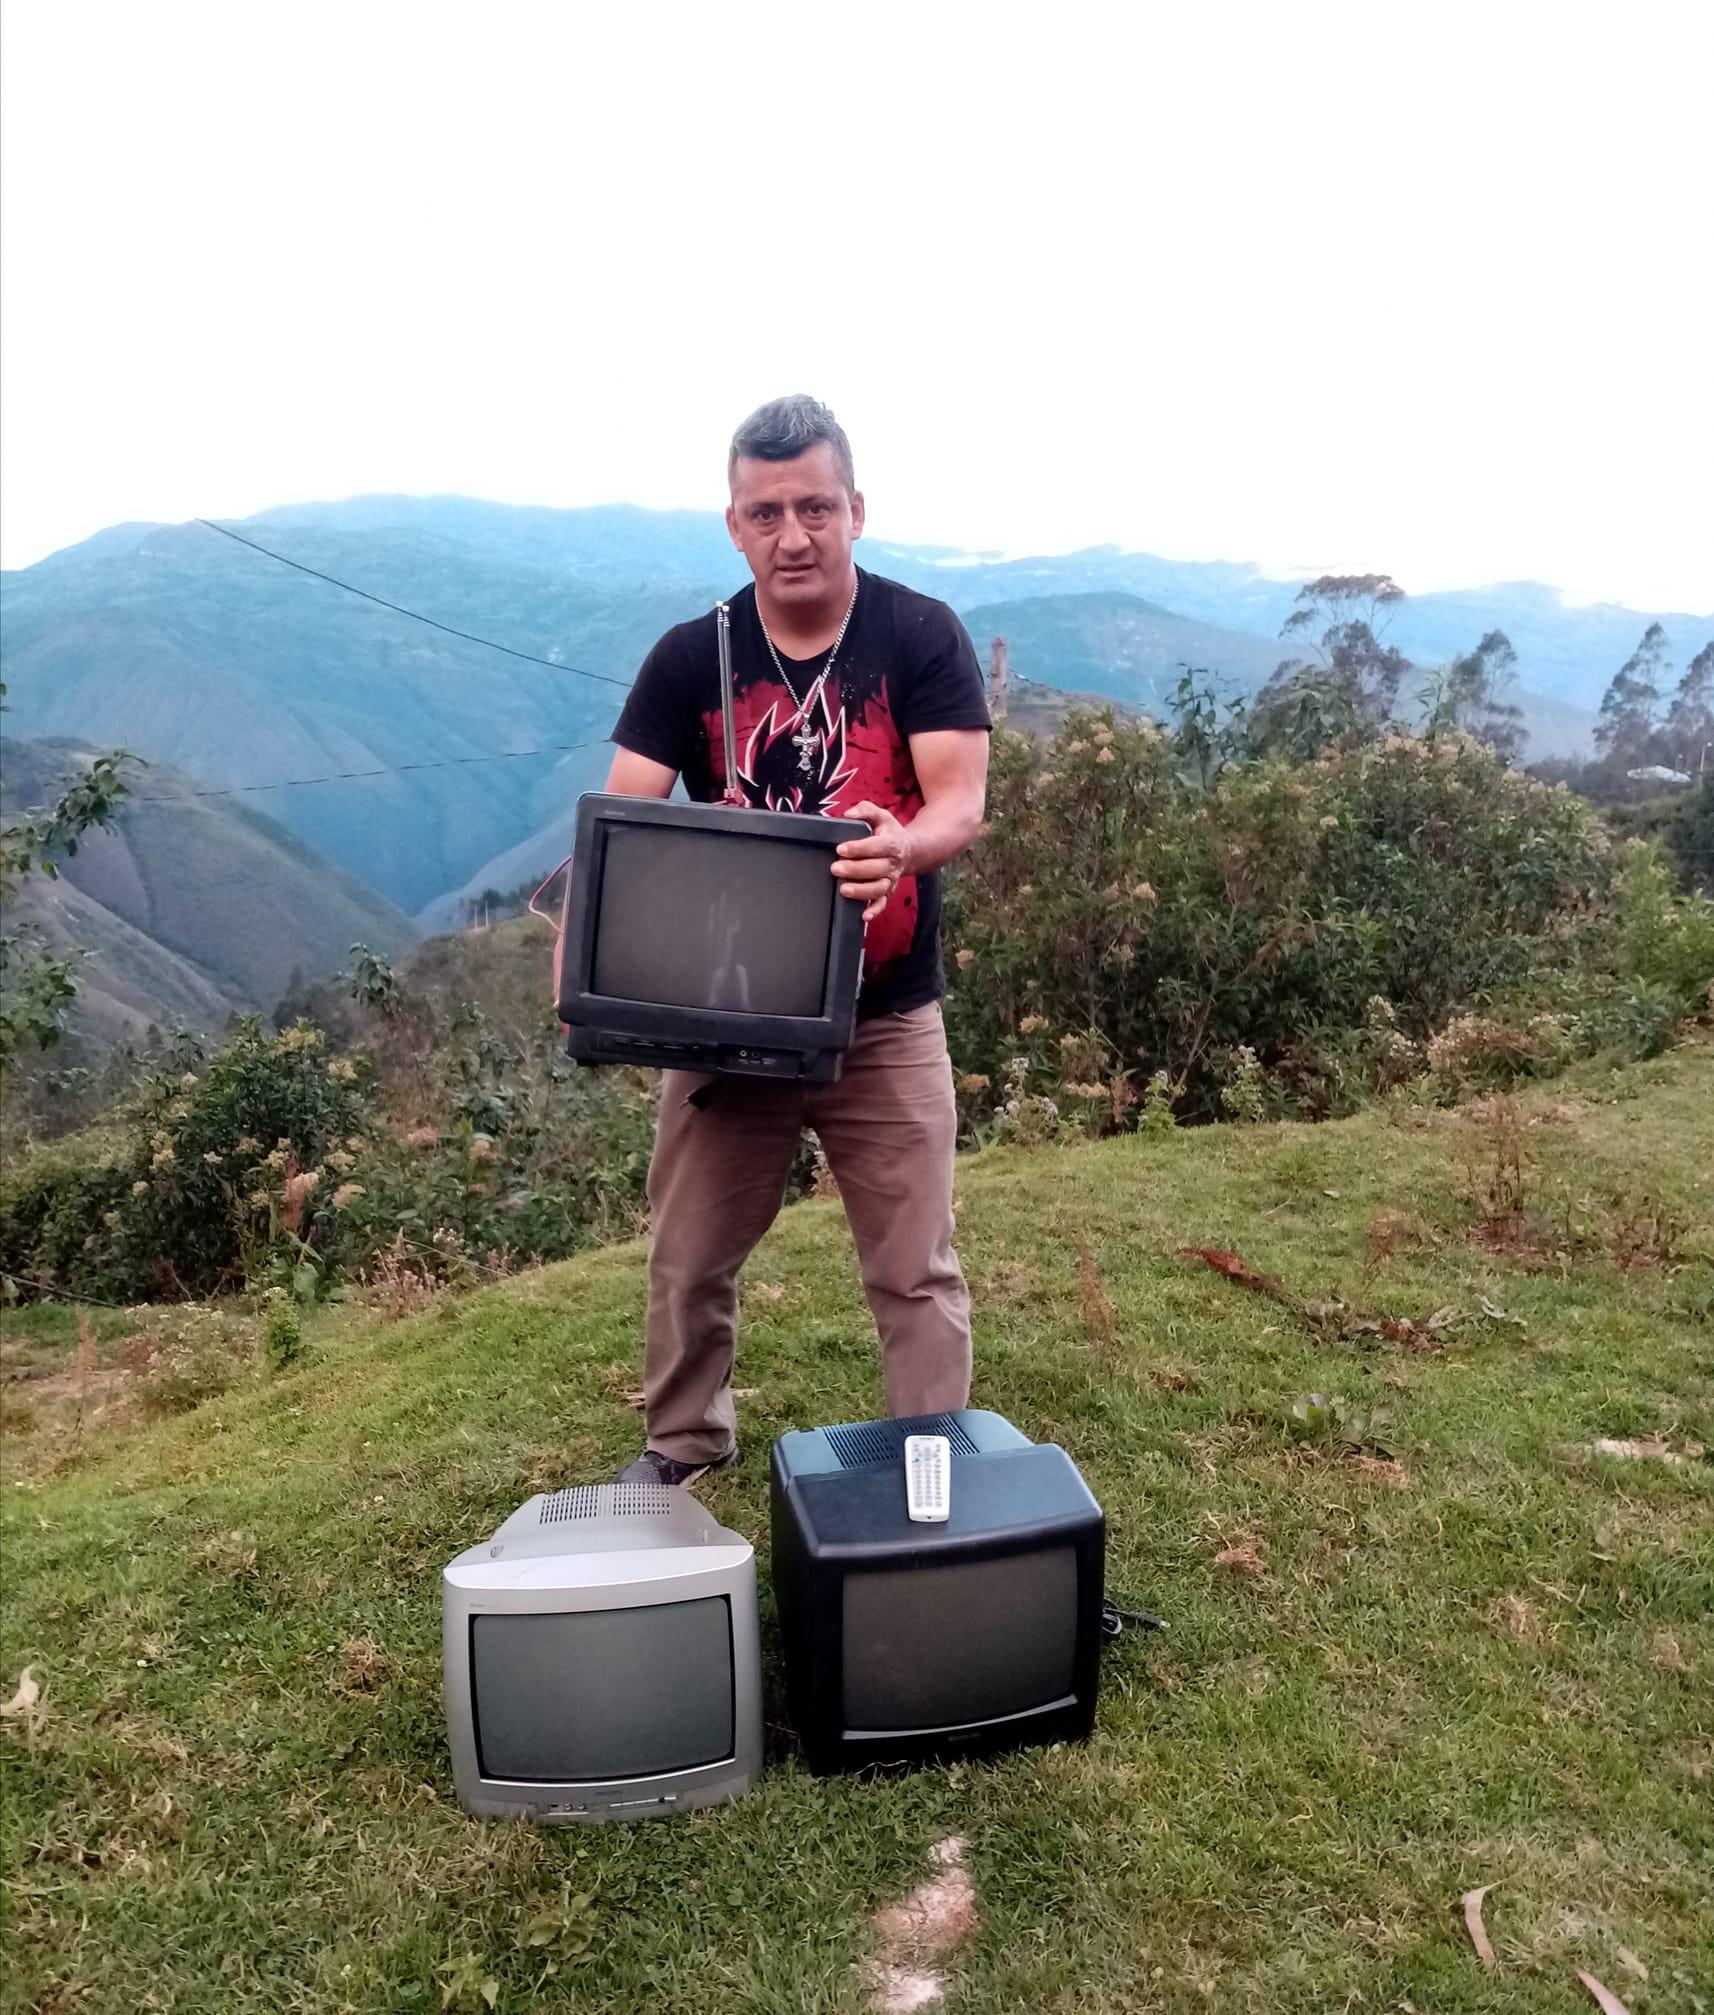 ¡Aplausos! Maestro reparte televisiones para que sus alumnos no se queden sin clase